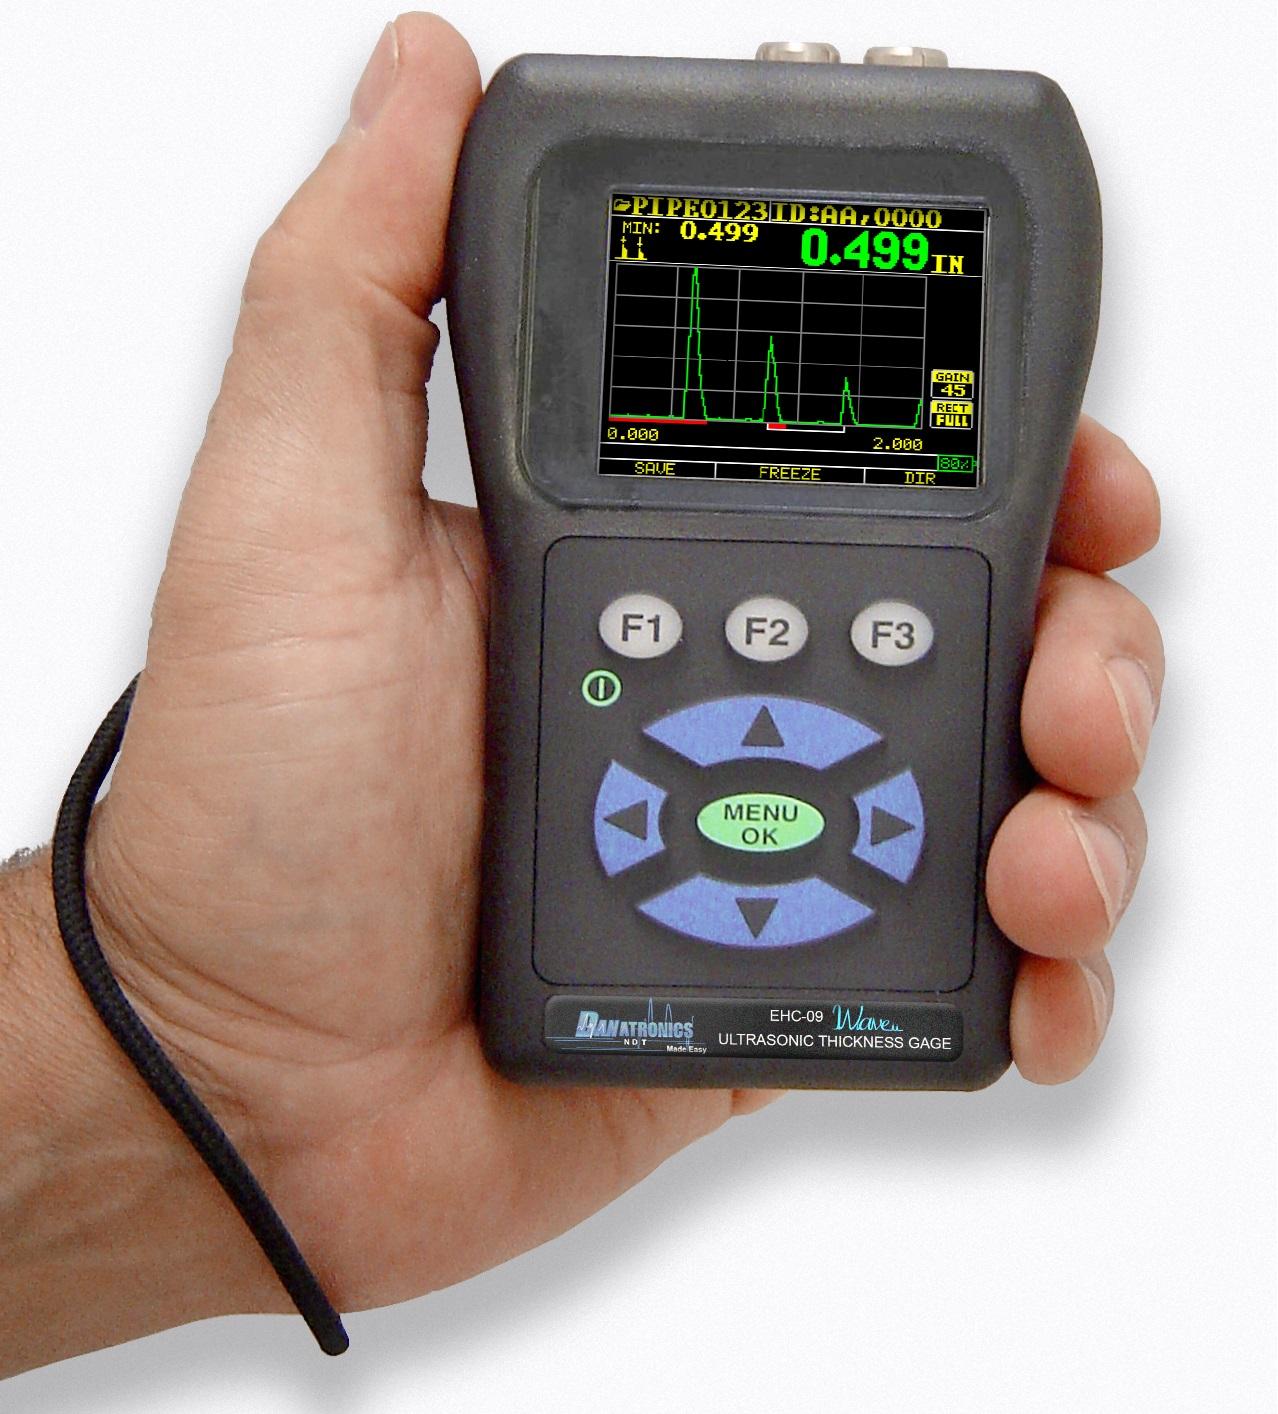 Danatronics EHC-09 színes UH falvastagságmérő széria